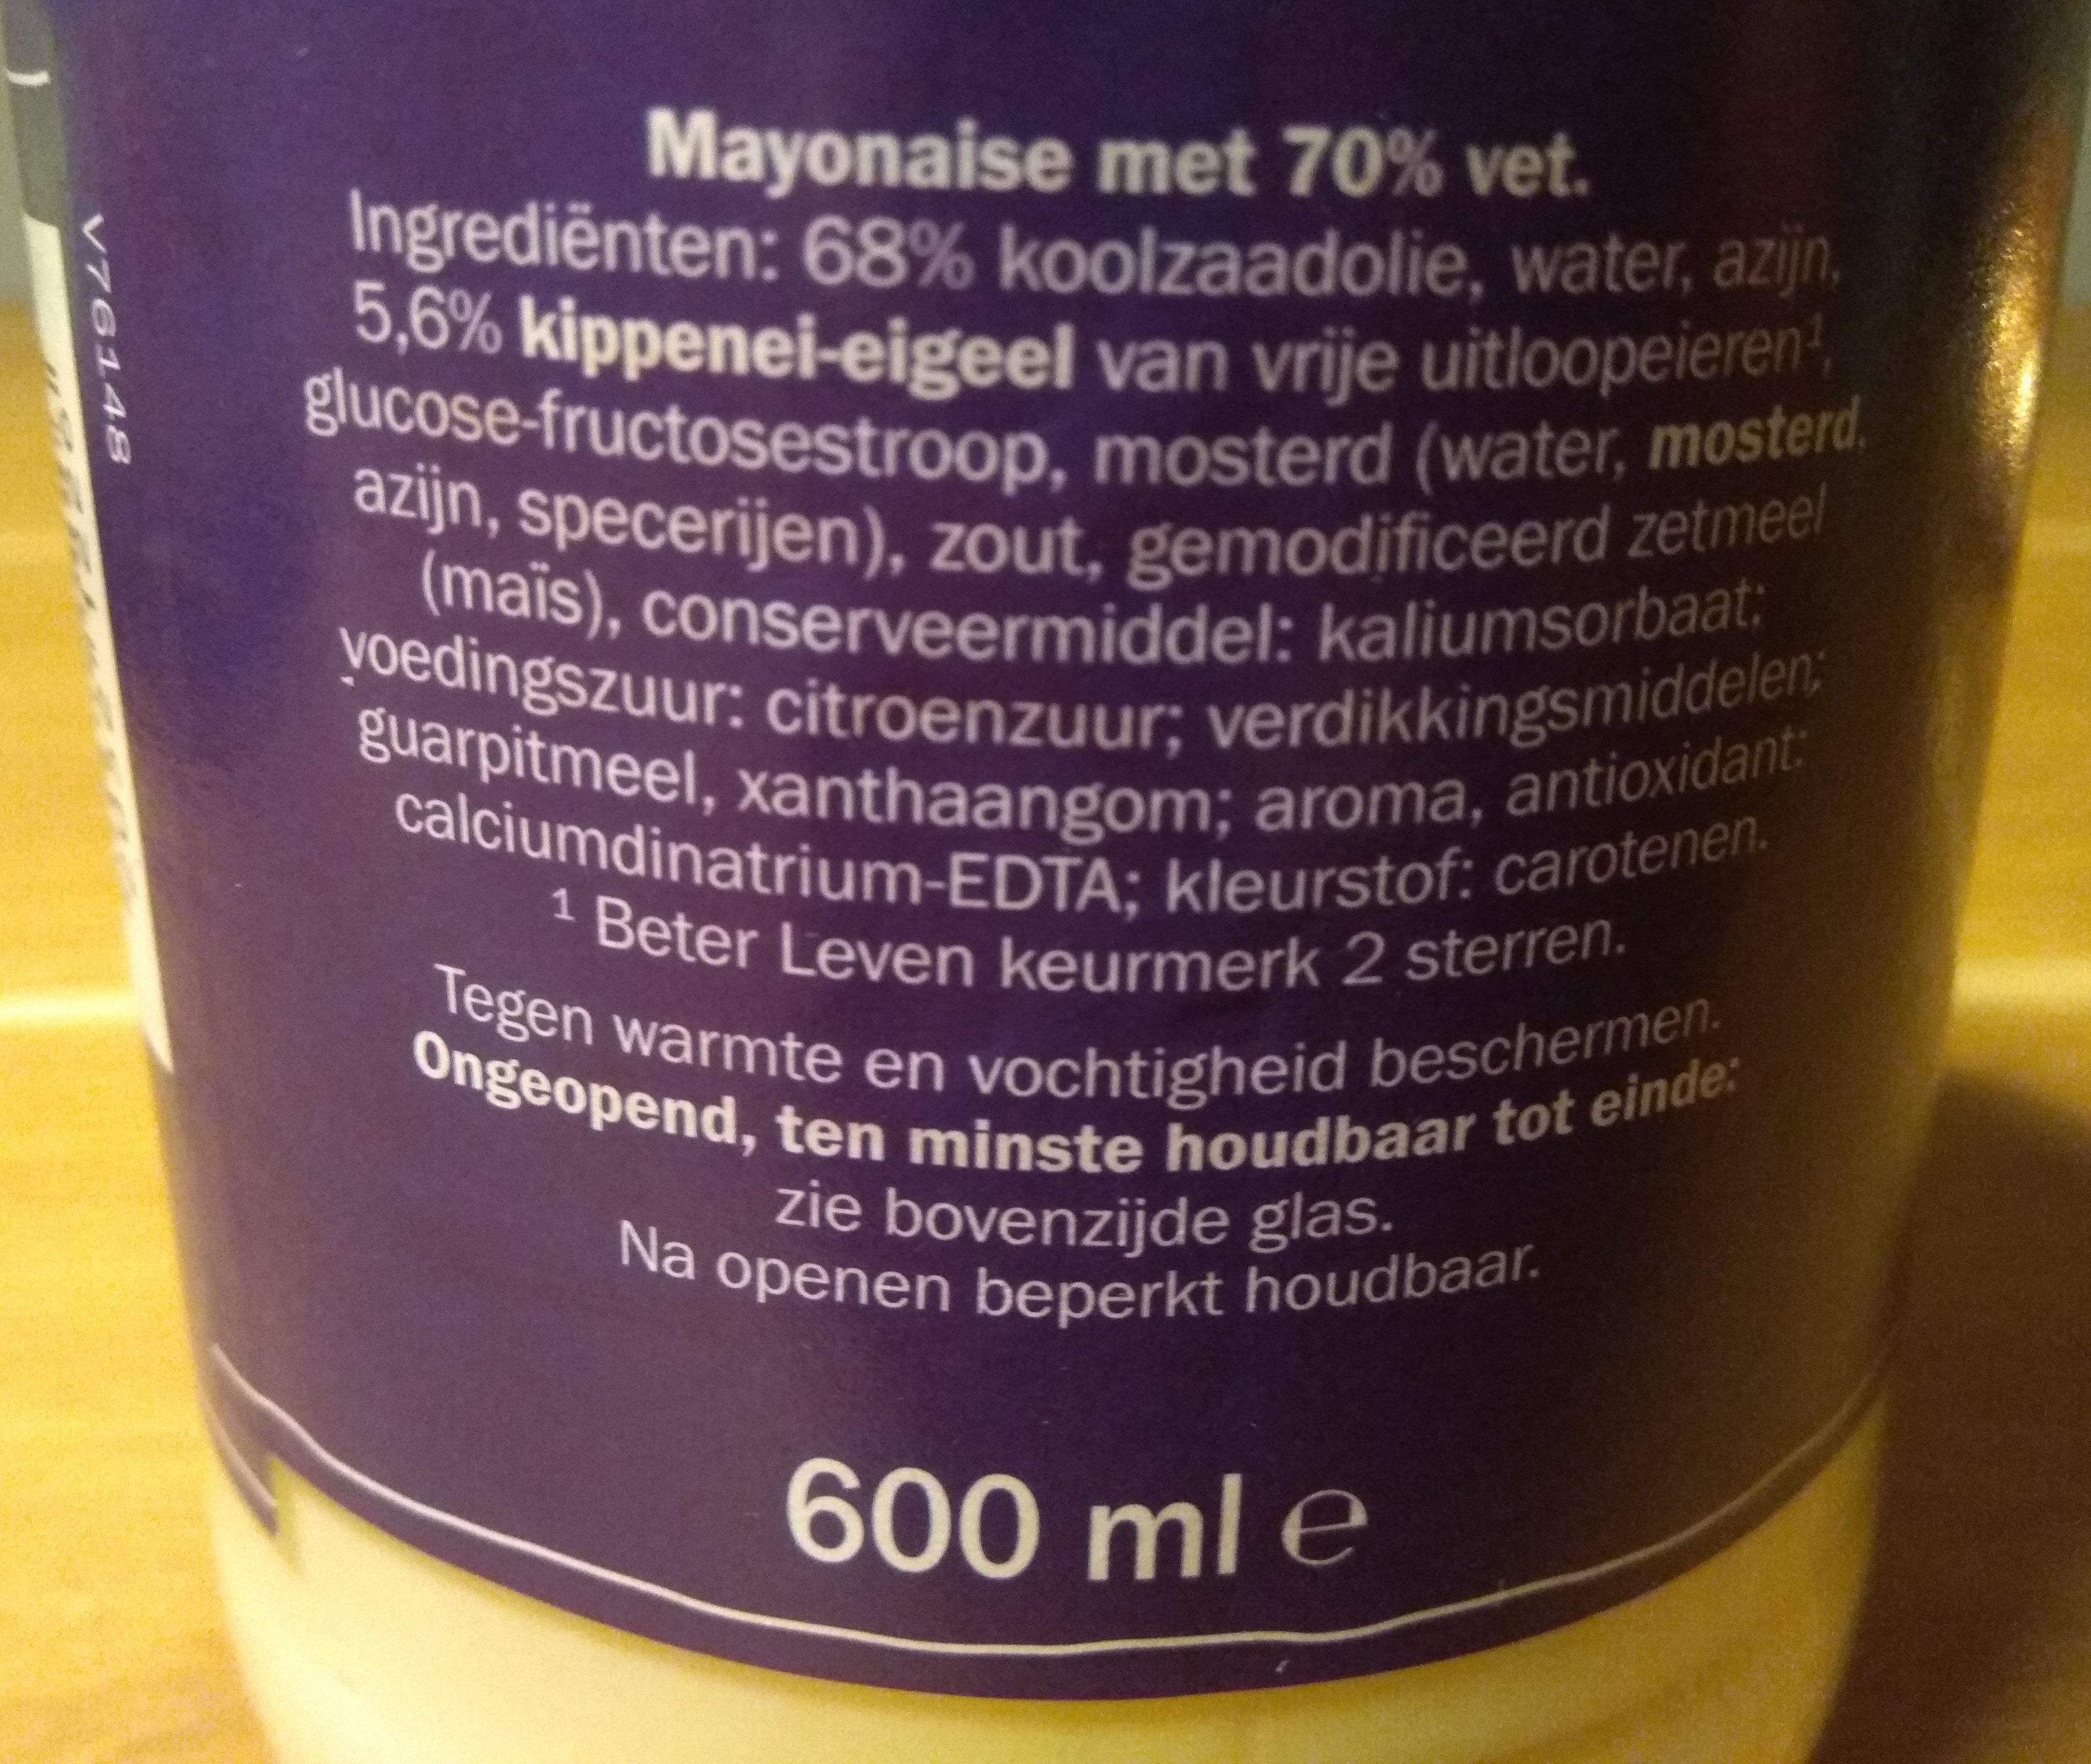 Vita D'or Mayonaise - Ingrediënten